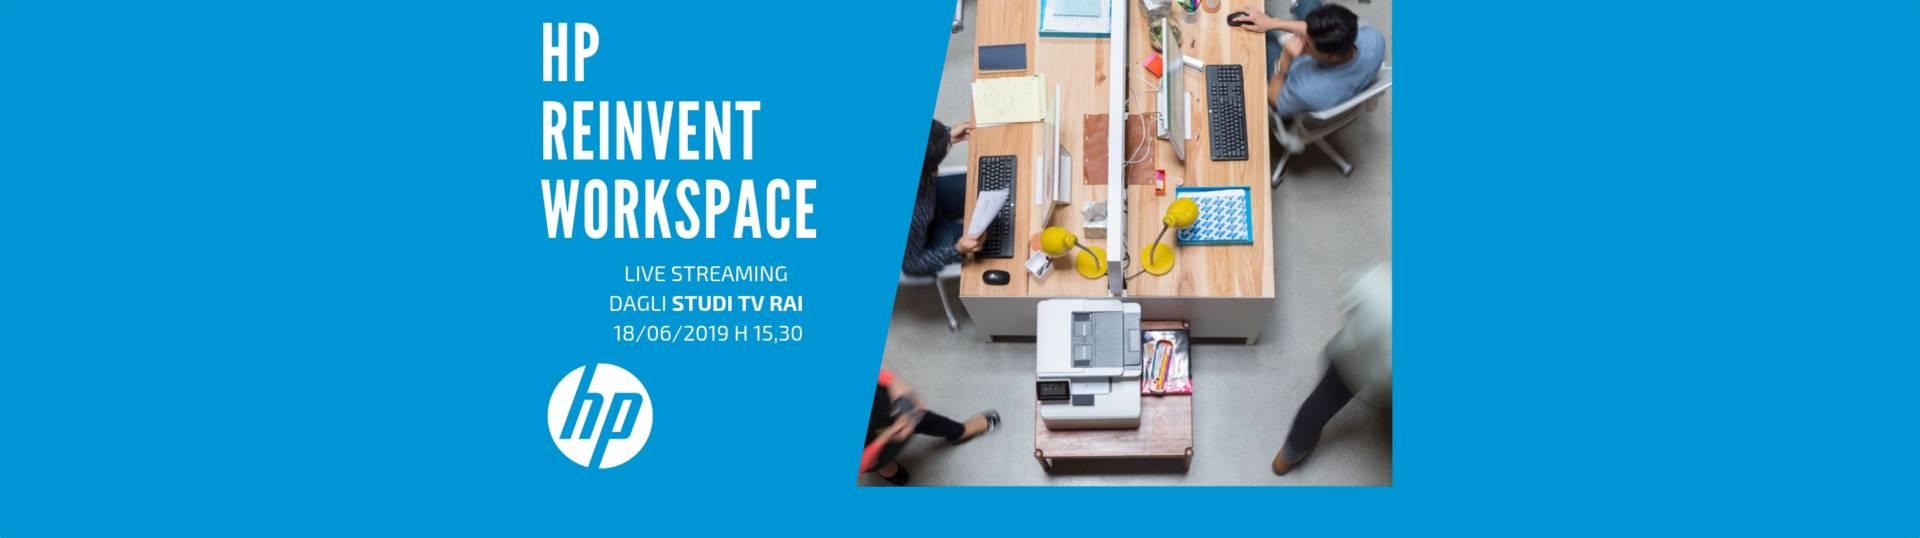 HP Reinvent Workspace: il Webinar 2.0 in diretta dagli studi TV RAI